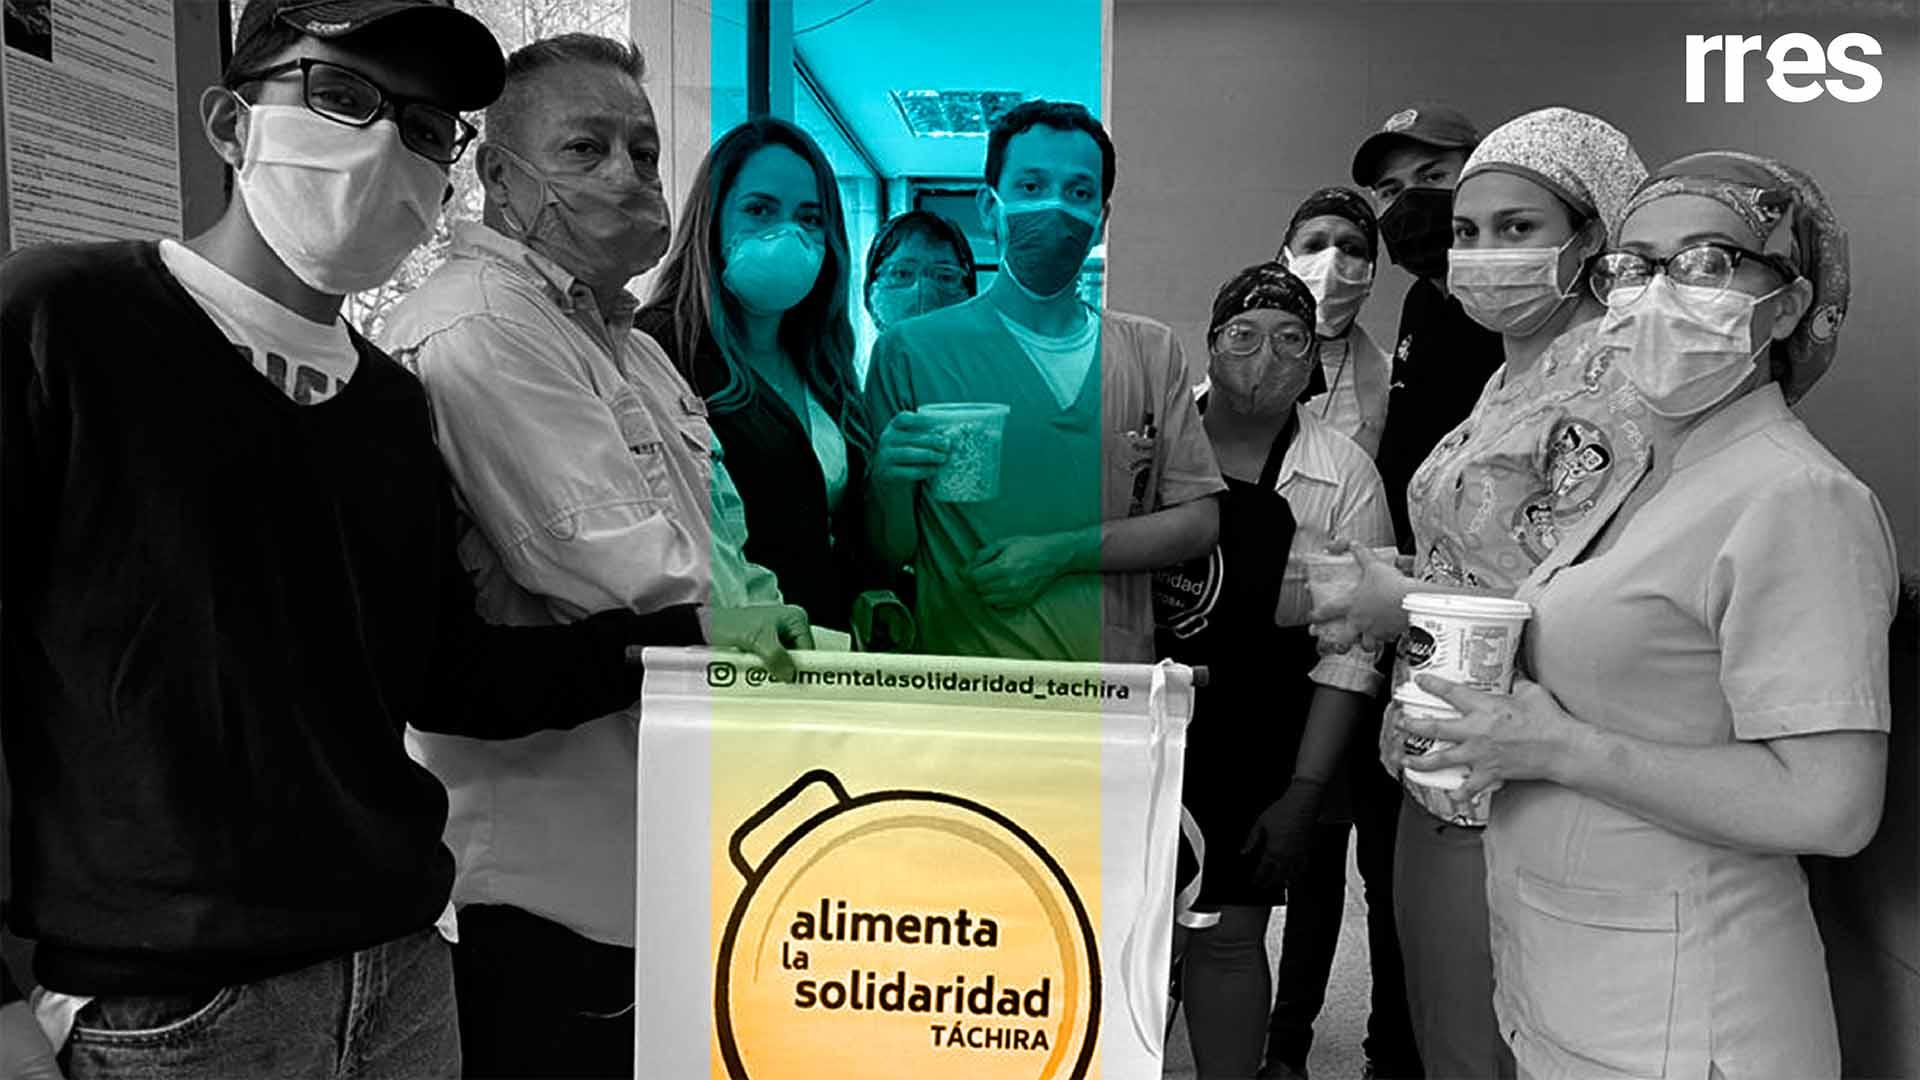 El reto de la sociedad civil, por Roberto Patiño*